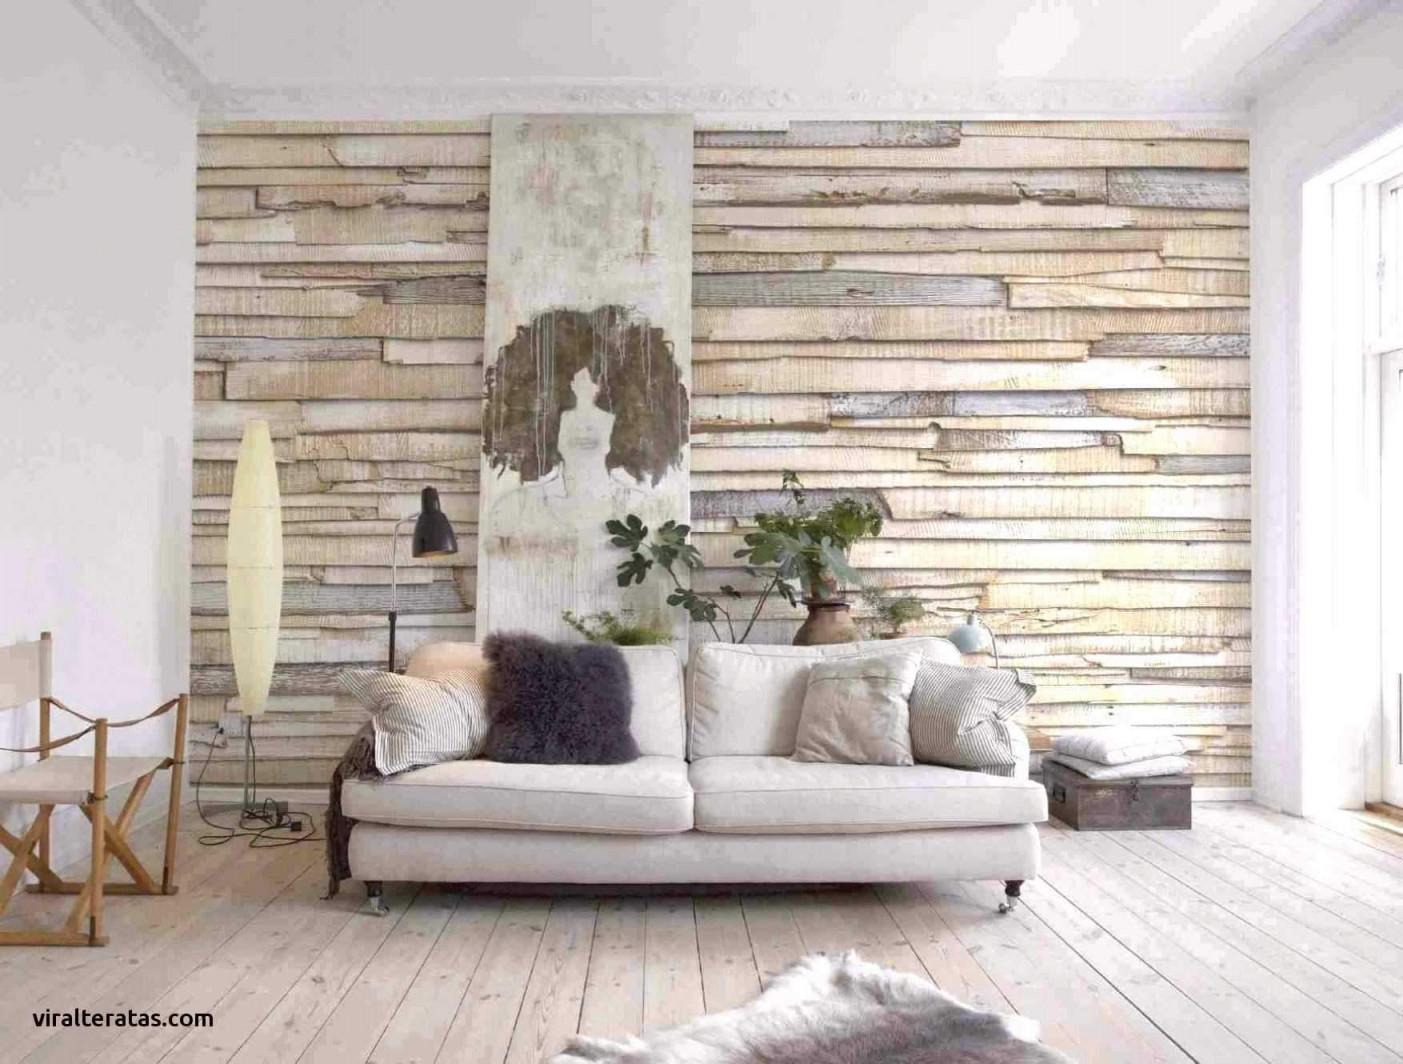 26 Neu Wohnzimmer Tapeten Trends 2017 Luxus  Wohnzimmer Frisch von Wohnzimmer Tapeten Trends Photo